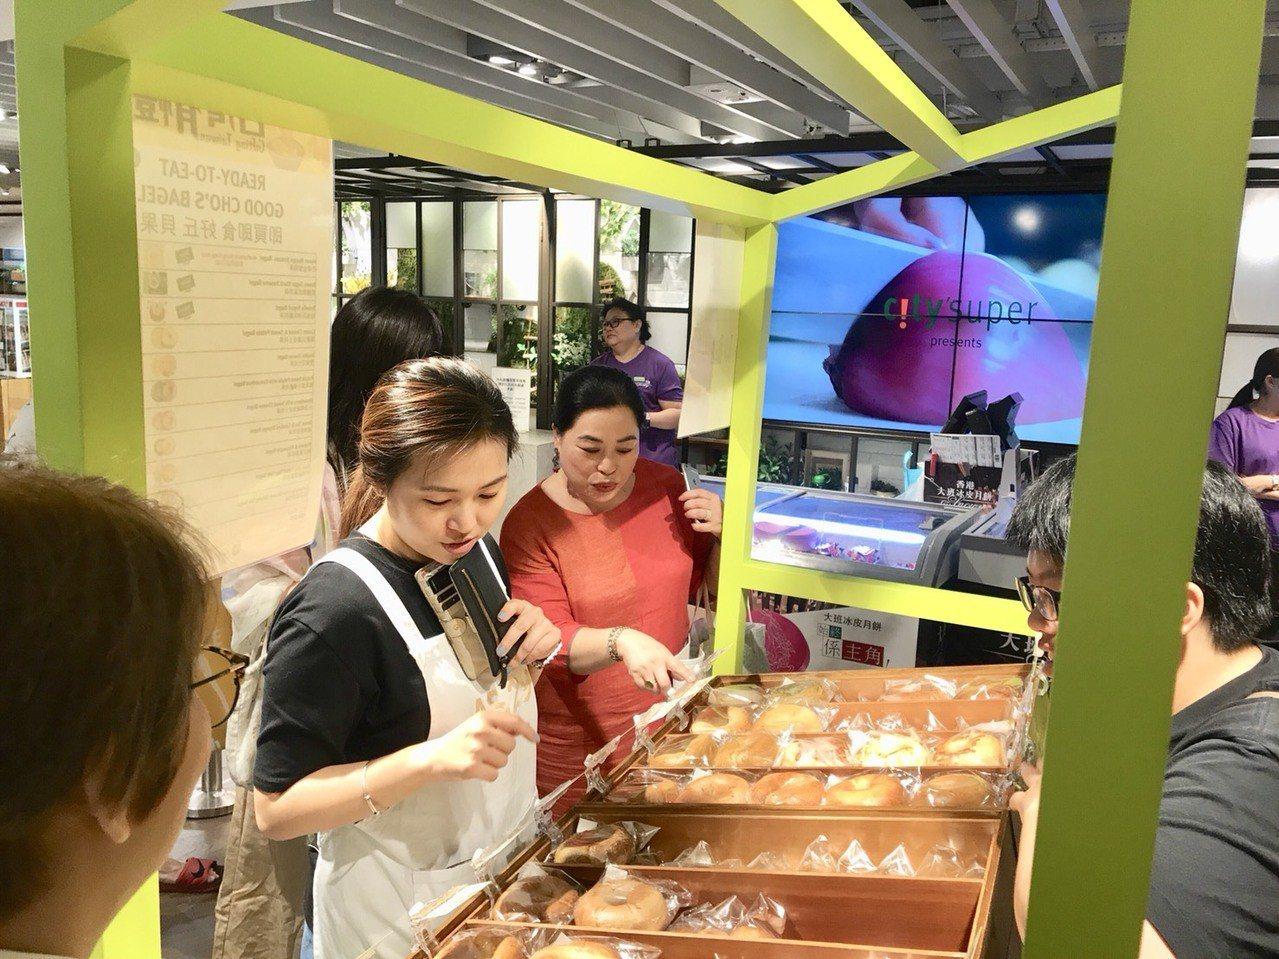 香港名主持人、美食家盧覓雪造訪好丘貝果櫃位捧場。圖/好丘貝果提供